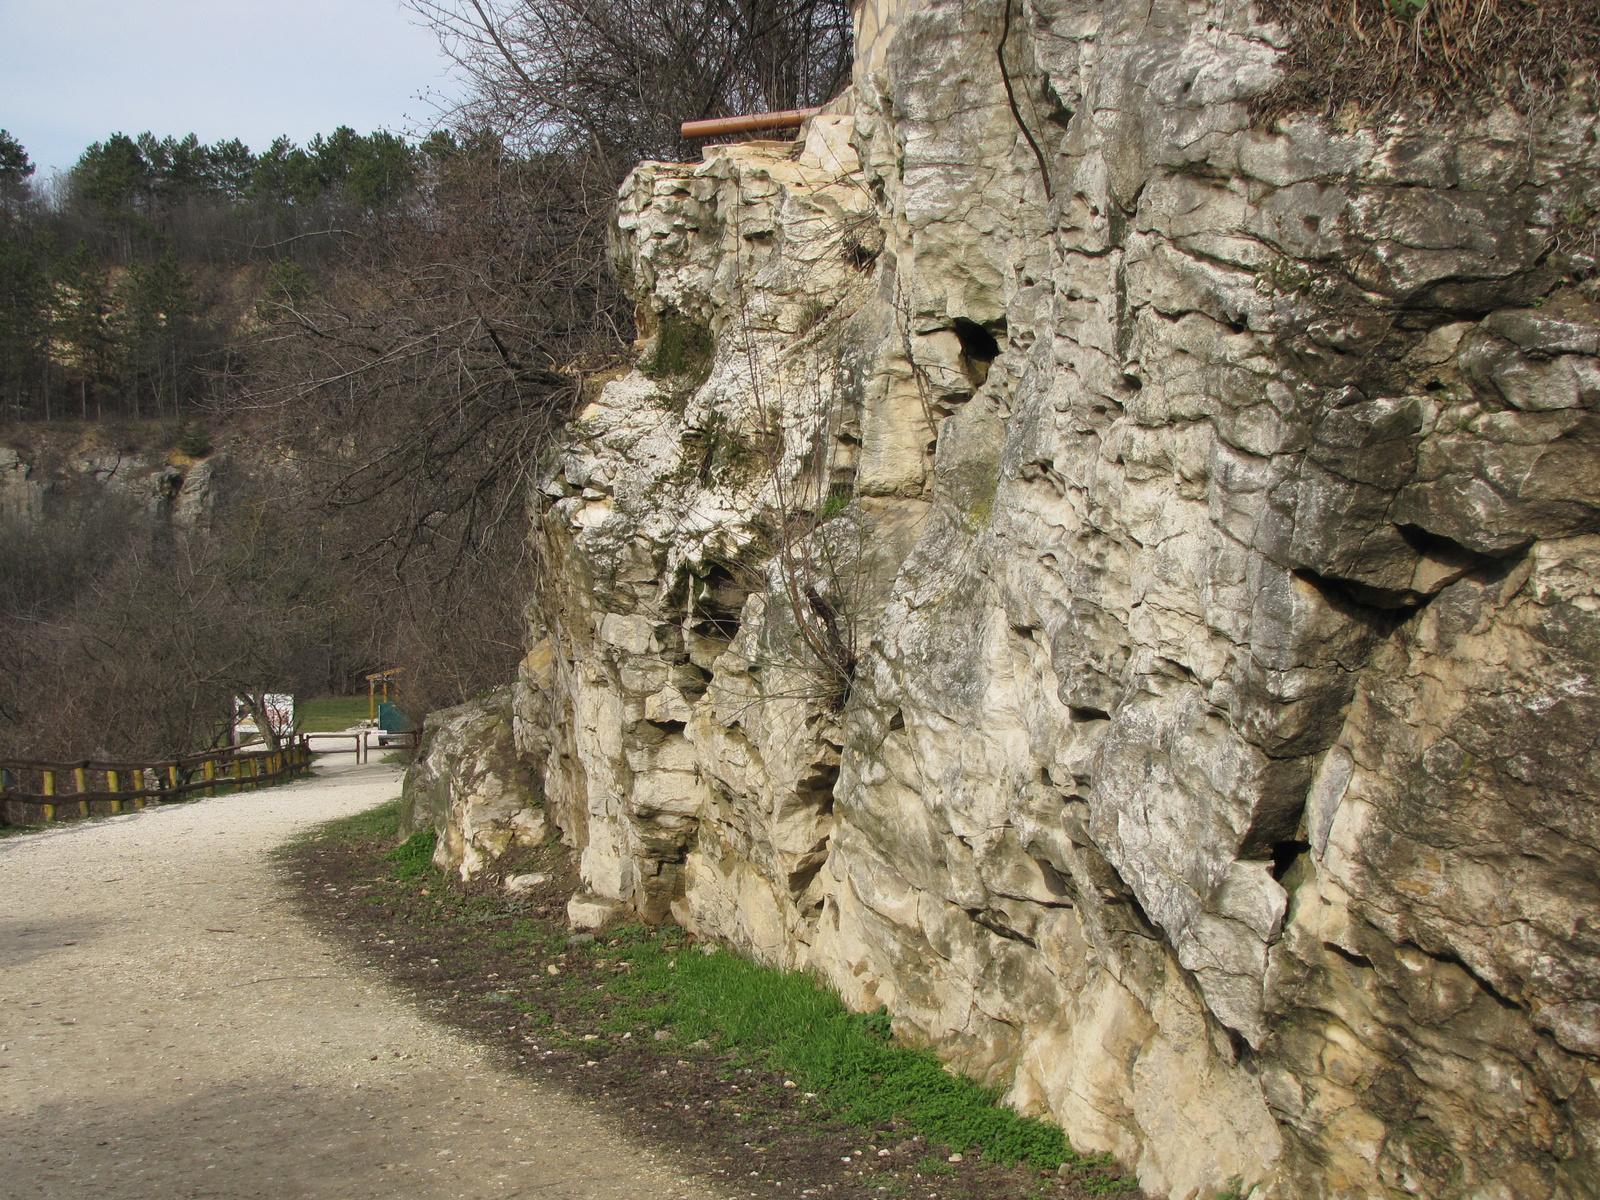 Budapest, a Pál-völgyi barlang, a kőbánya, SzG3